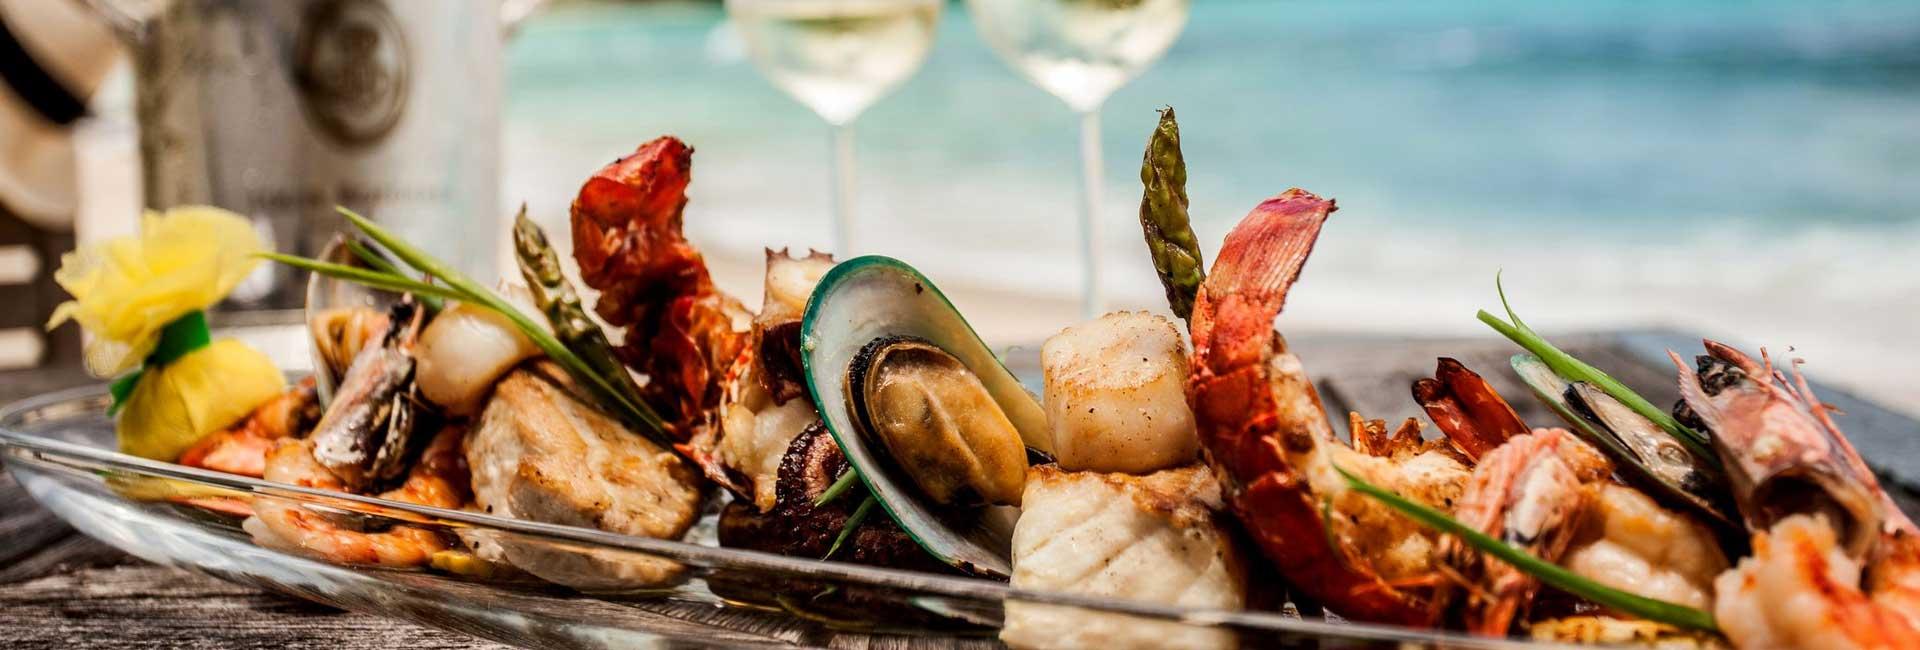 Port Safaga Food Wine And Nightlife